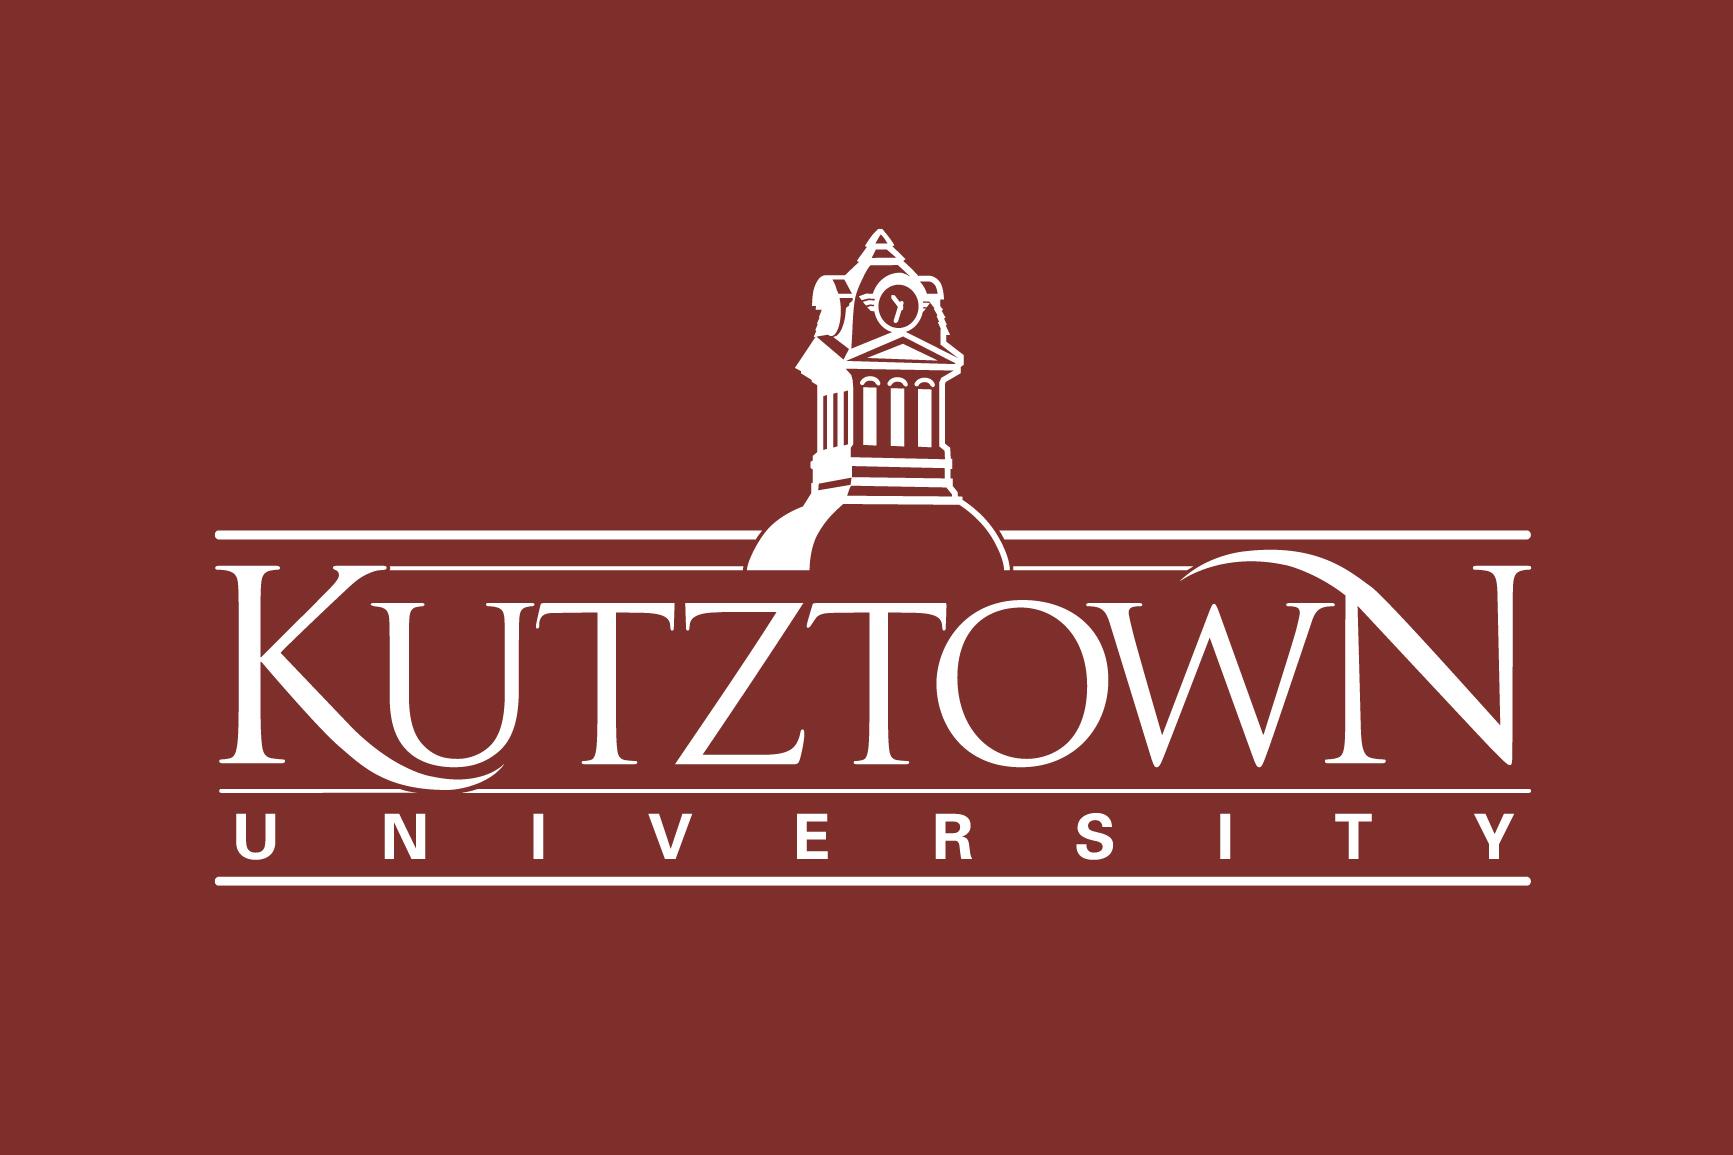 kutztown-university-logo_400.jpg